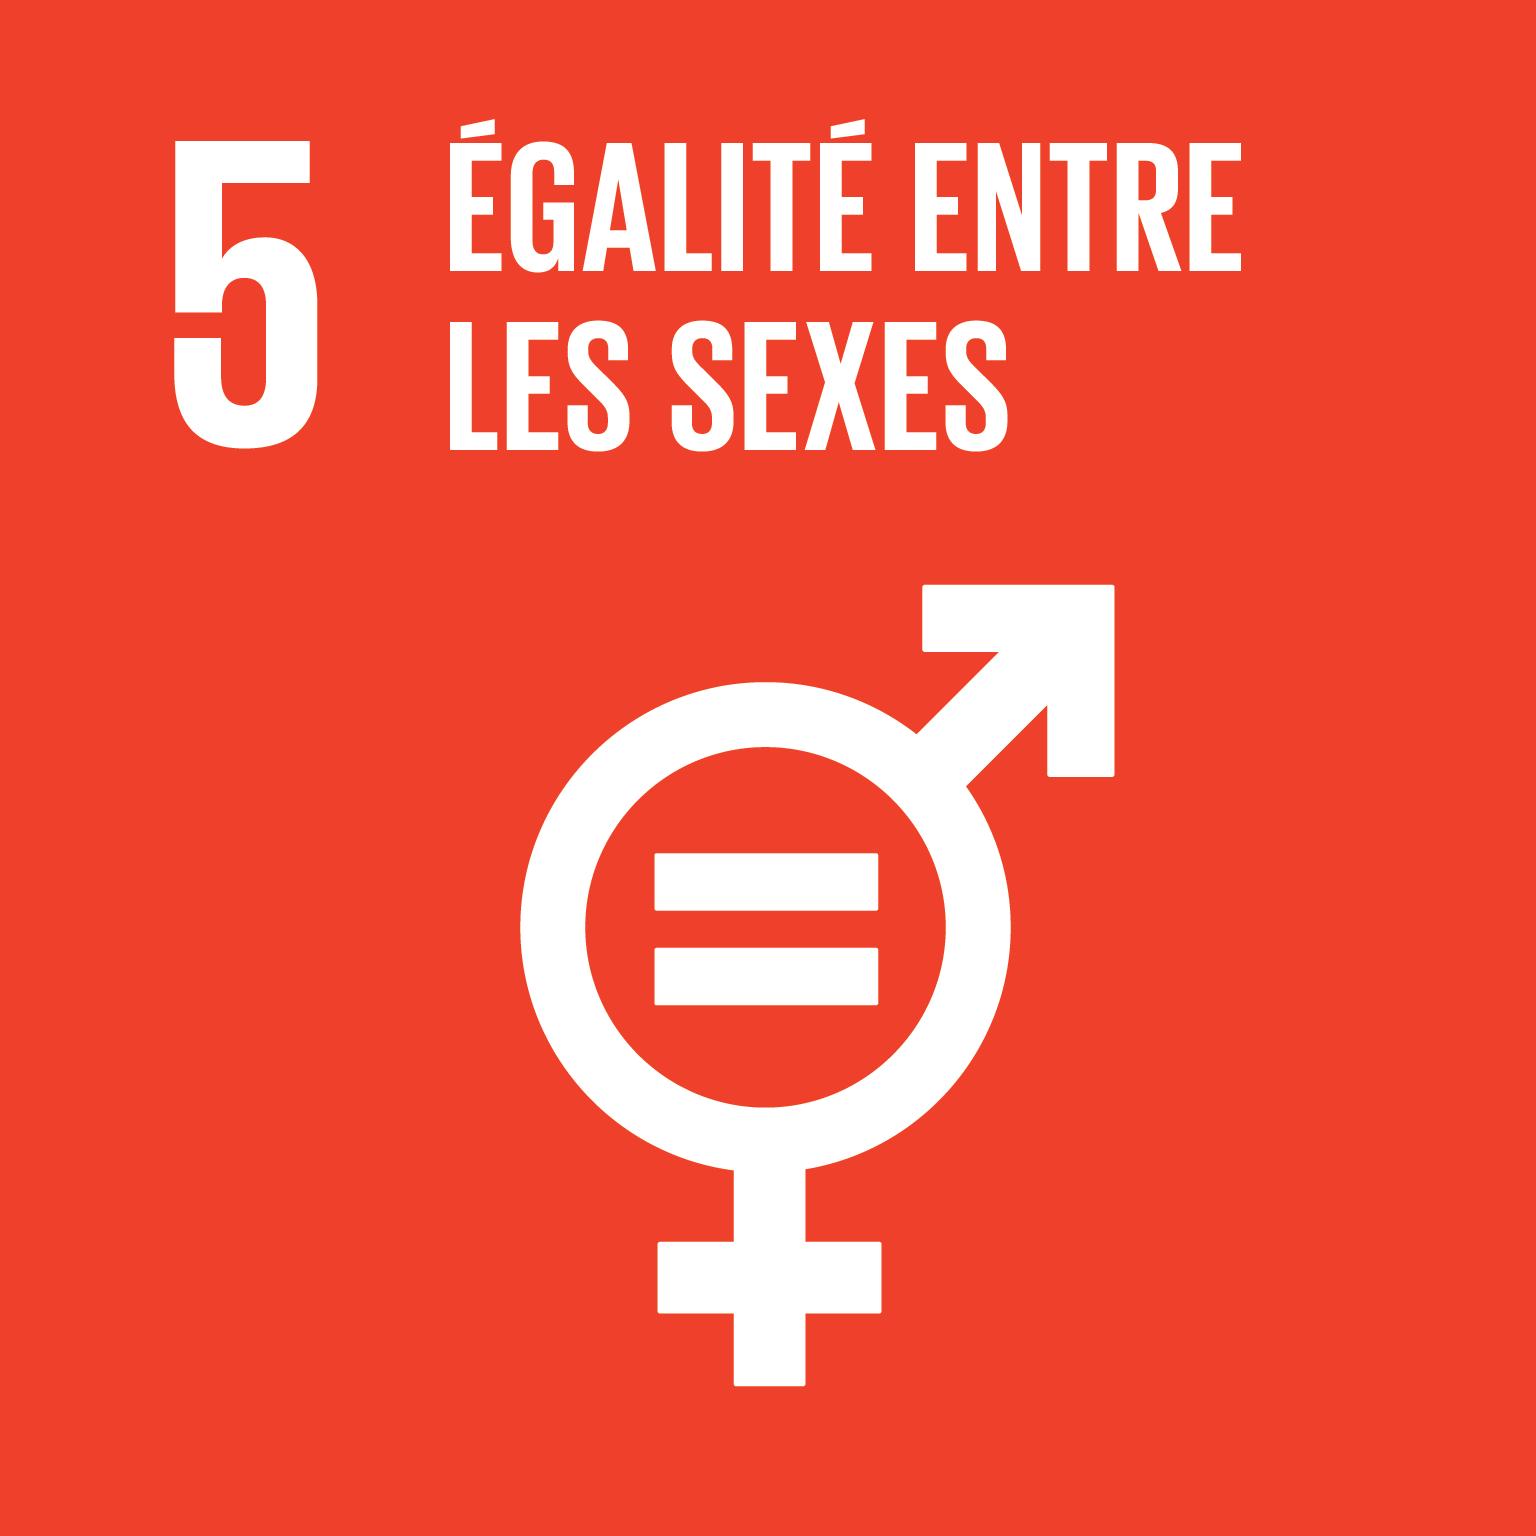 ODD Egalité entre les sexes